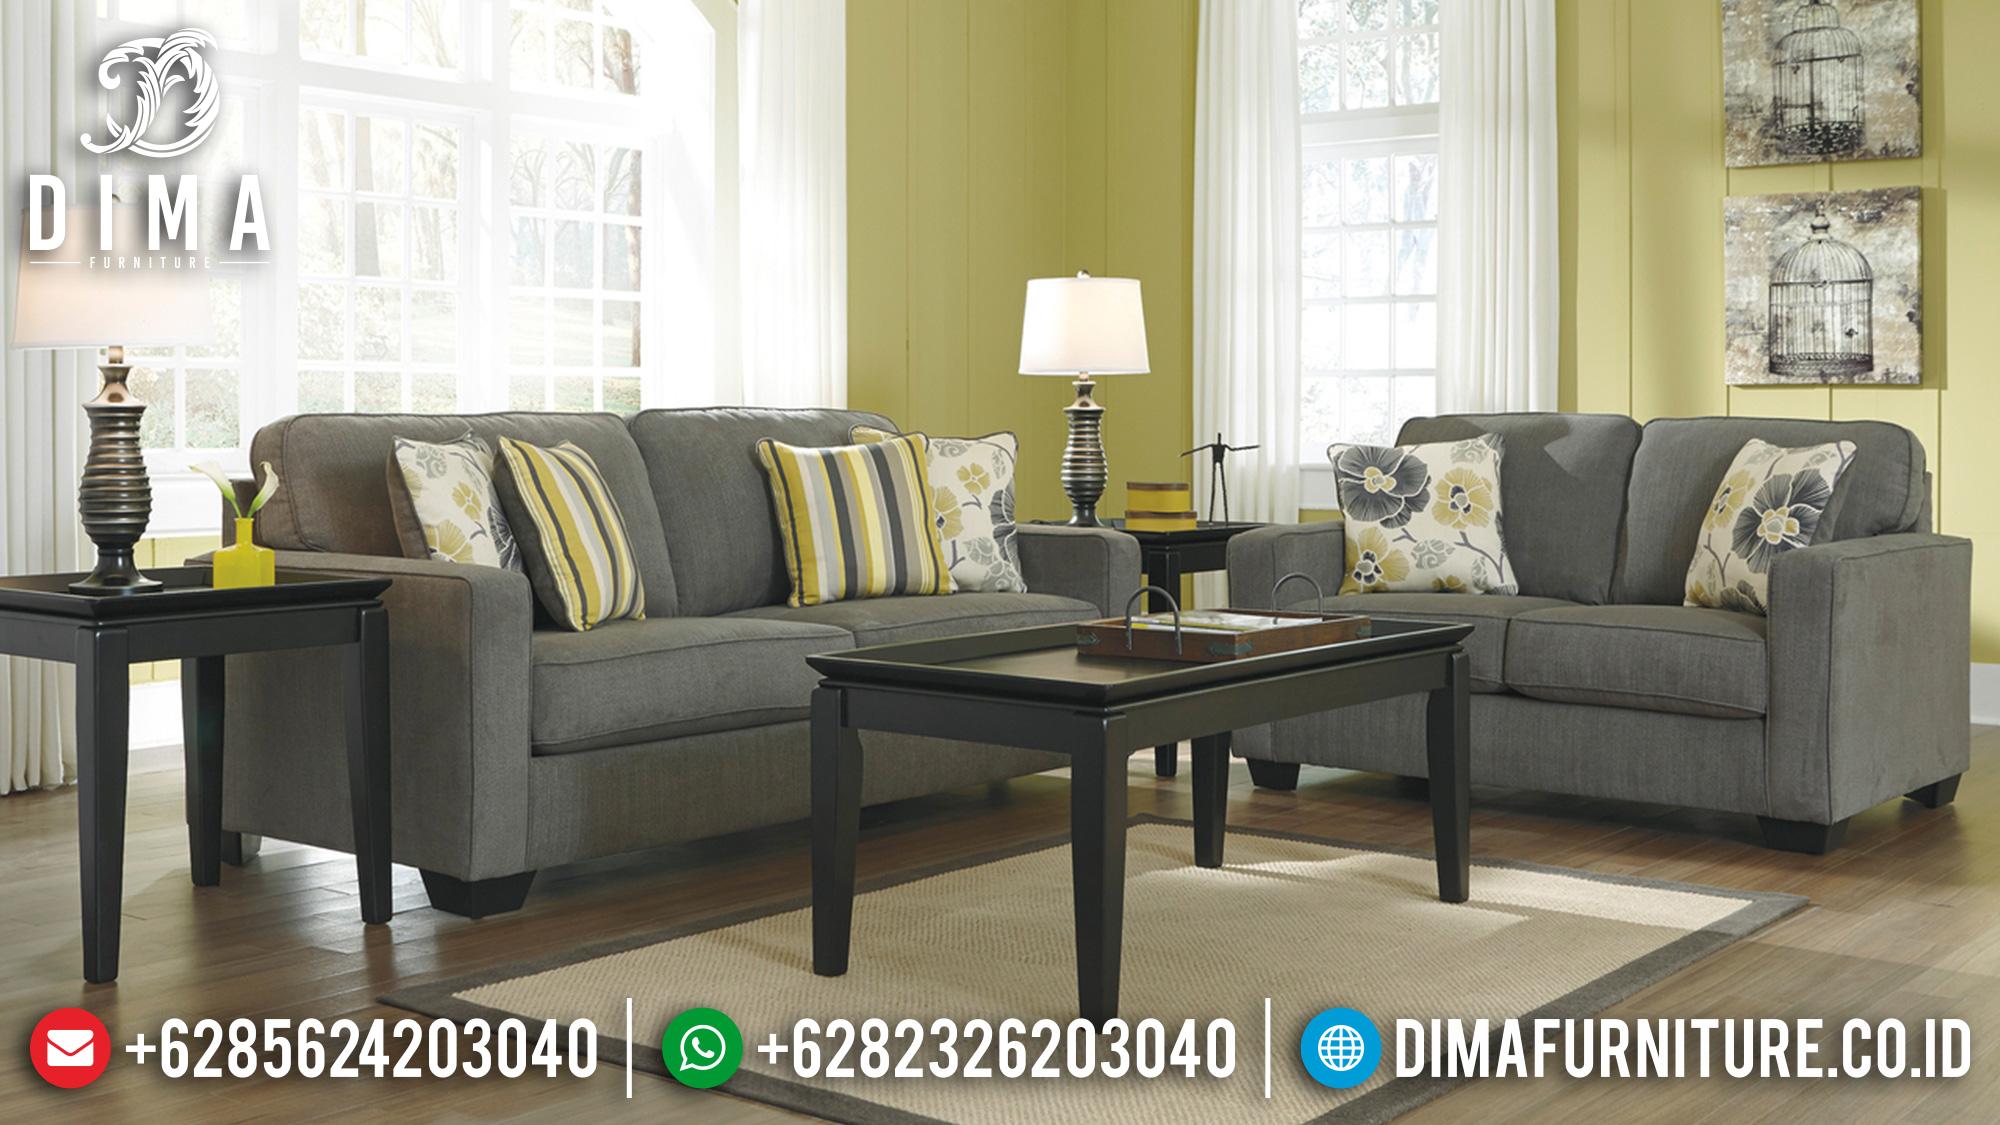 Sofa Tamu Minimalis, Sofa Modern Minimalis, Kursi Tamu Jepara Terbaru Mm-0115 Gambar 2